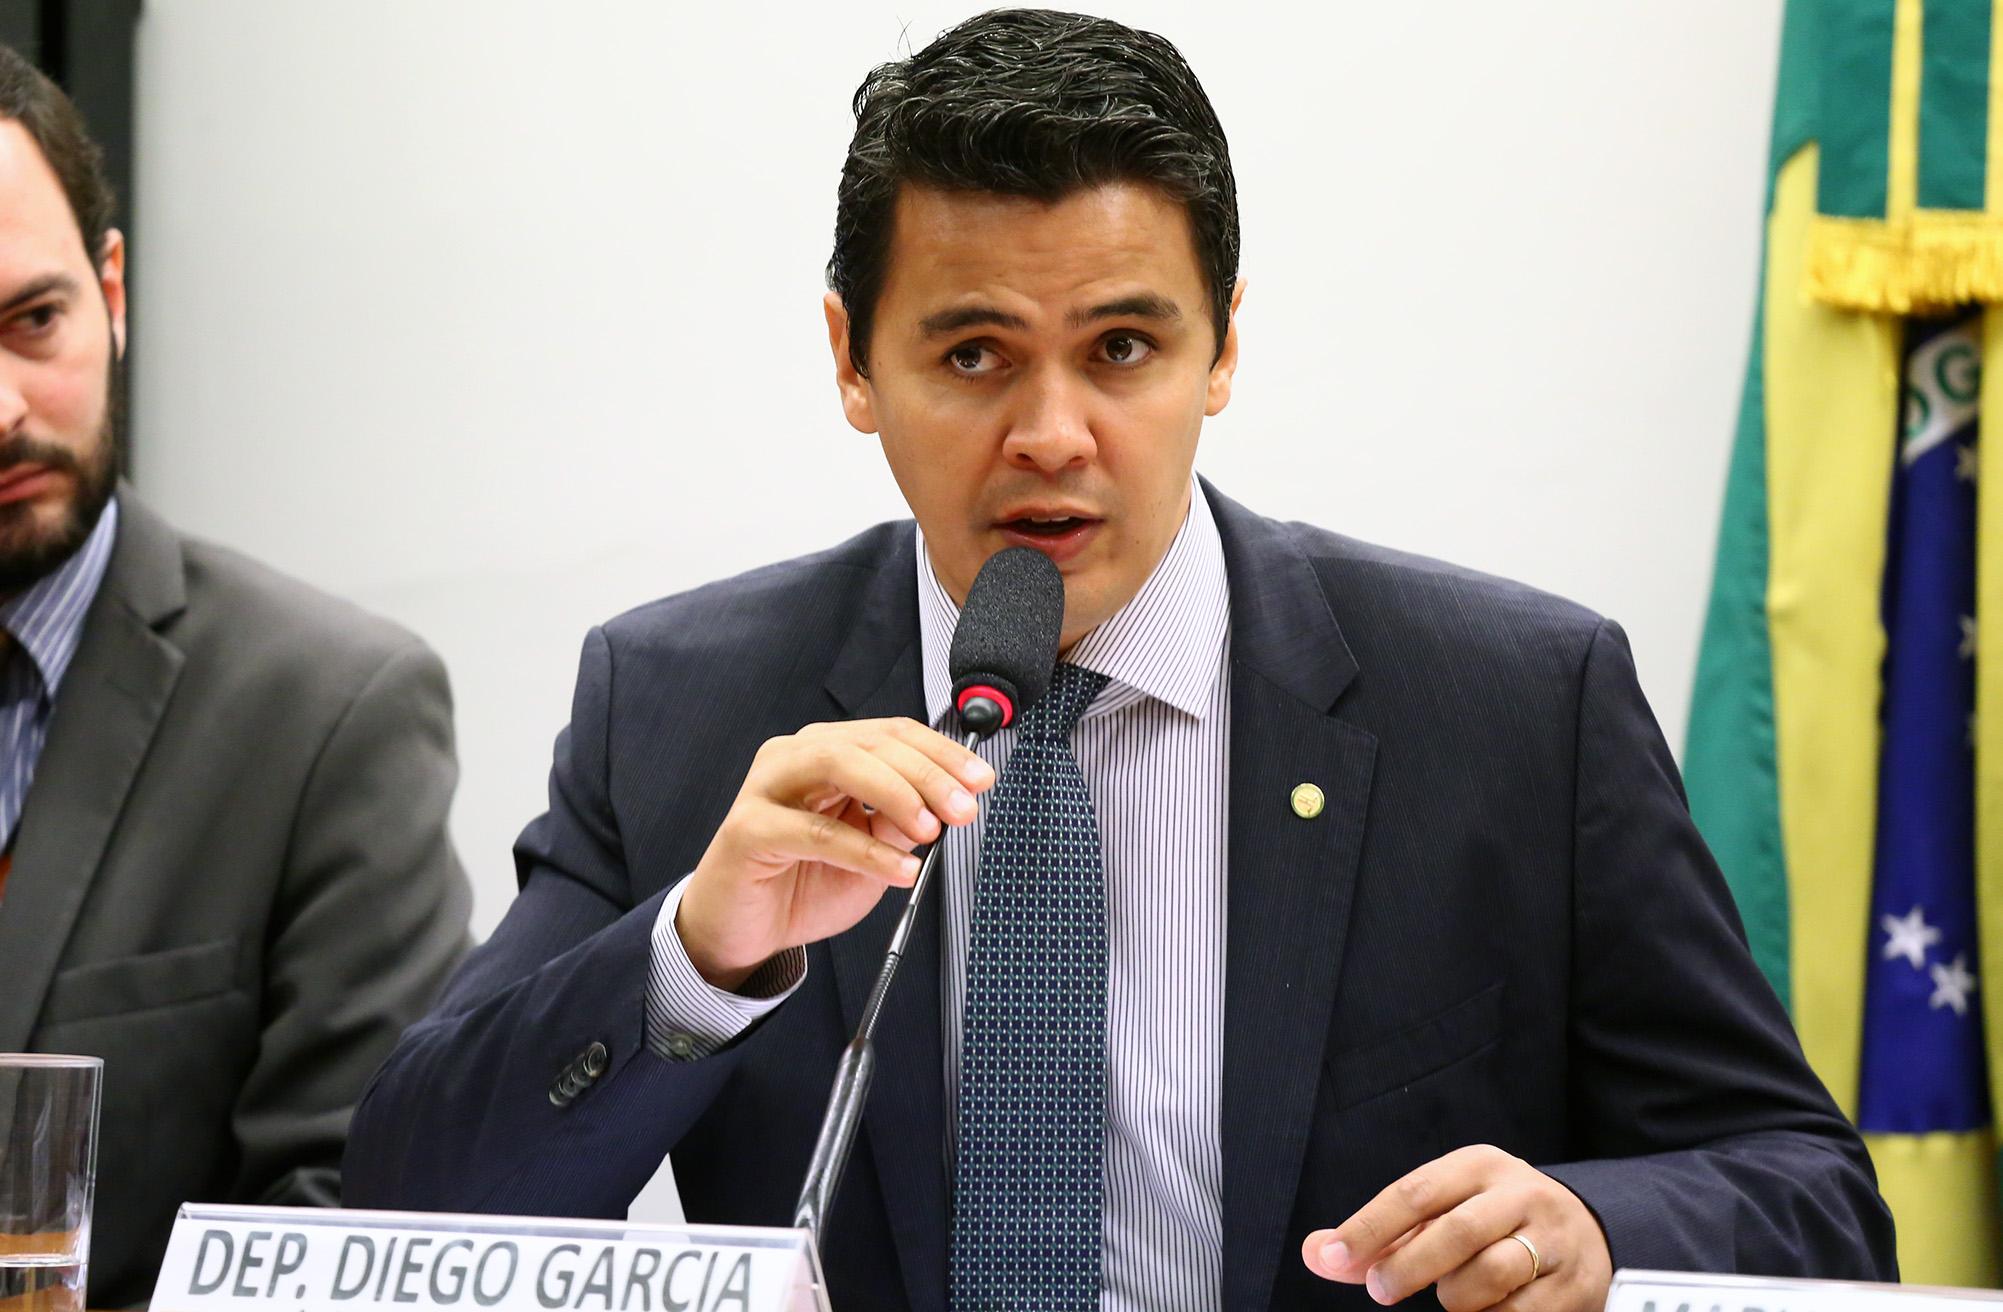 Audiência pública sobre o erro Inato do Metabolismo – EIM. Dep. Diego Garcia (PHS - PR)